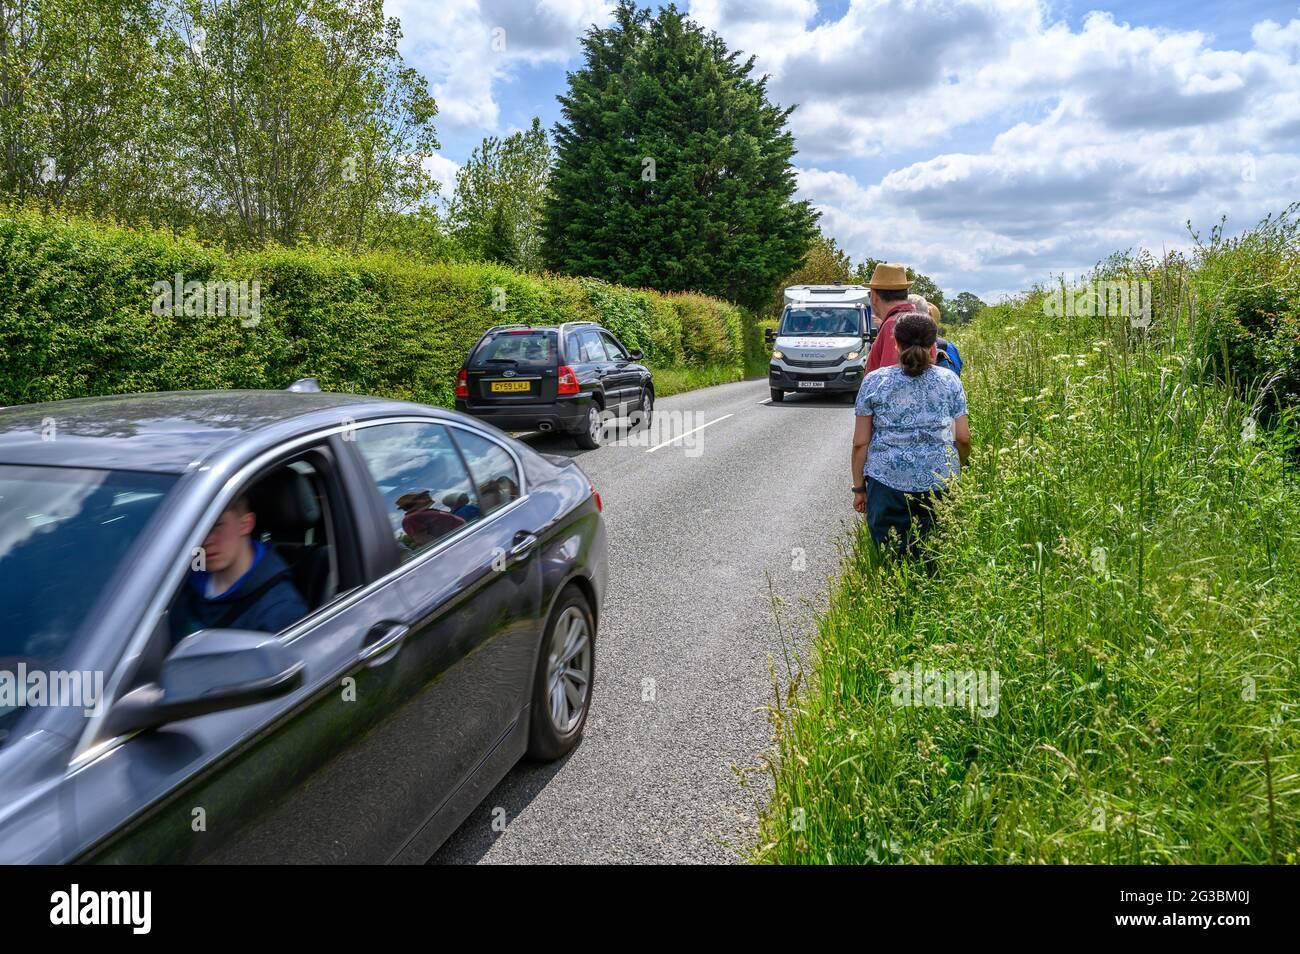 Un grupo de jugadores que se encuentran en el borde de la hierba mientras el tráfico pasa por South Road entre Plumpton Green y South Chailey, East Sussex, Engl Foto de stock